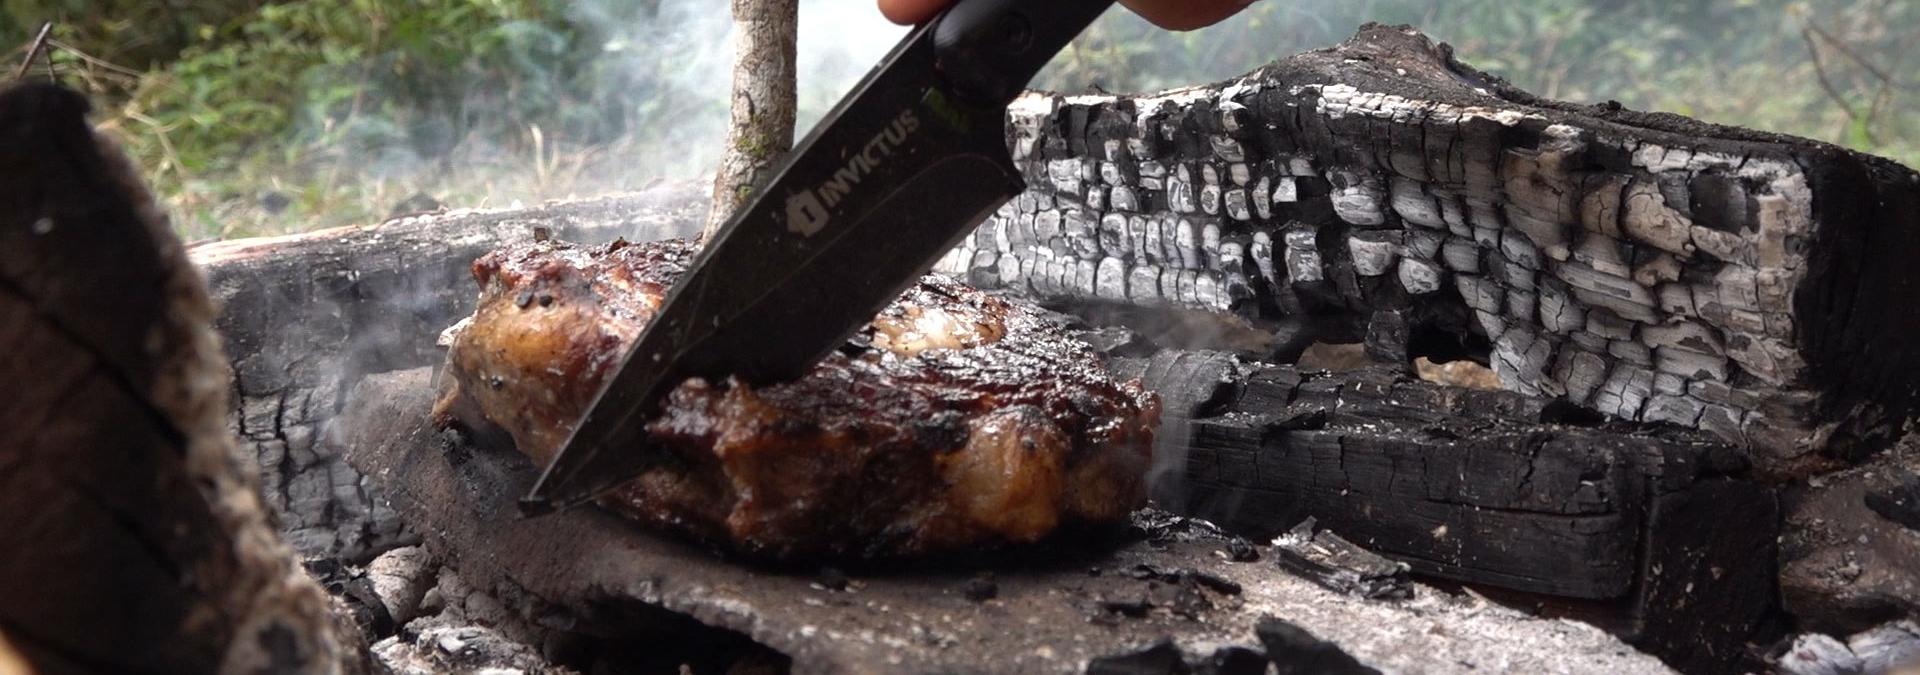 Churrasco primitivo: Bifão amanteigado na pedra! – Sobreviva Ep.25